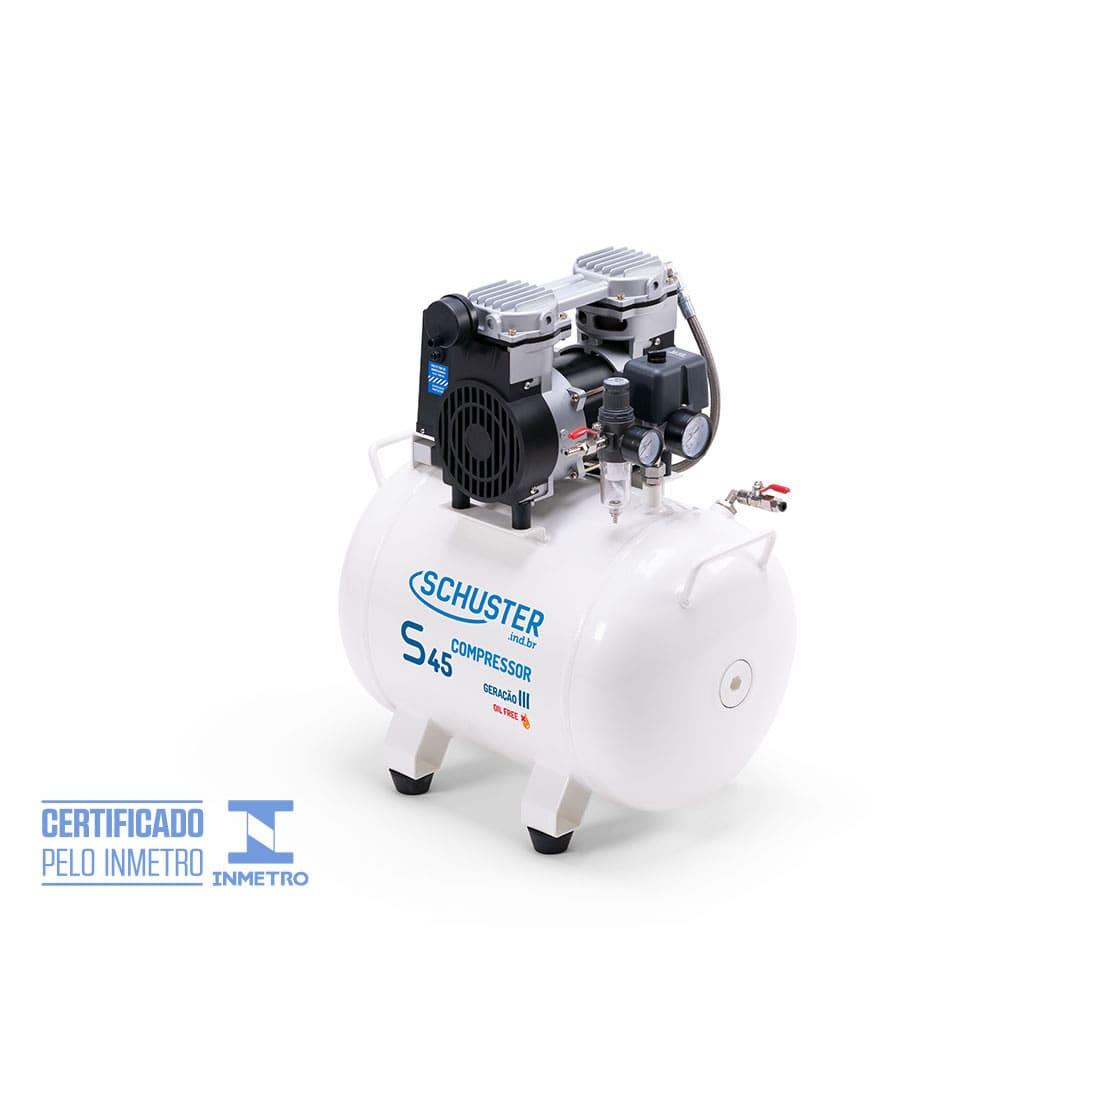 Compressor isento de óleo S45 - Geração III - Schuster